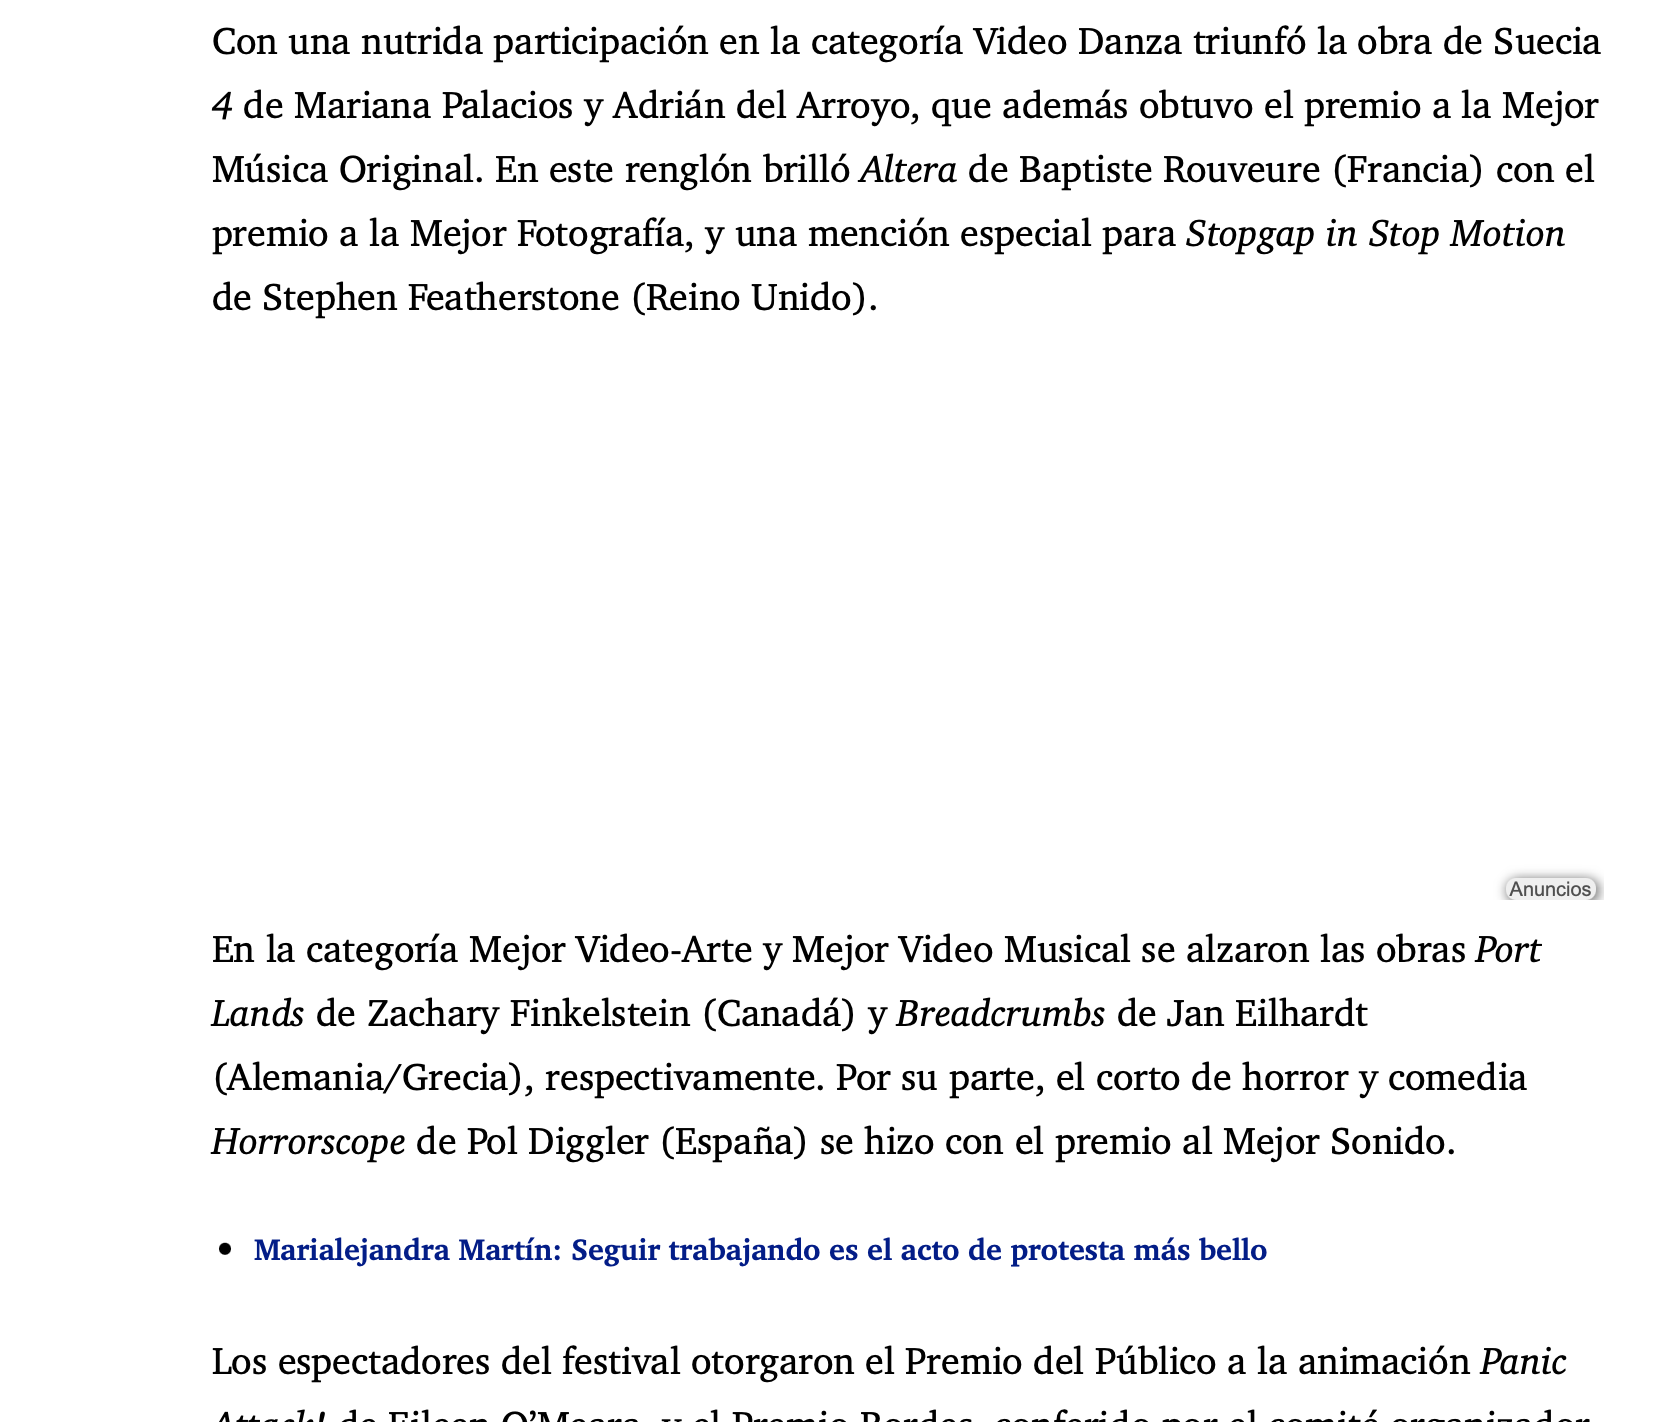 El Nacional 2 Screenshot 2021-05-02 at 20.01.57